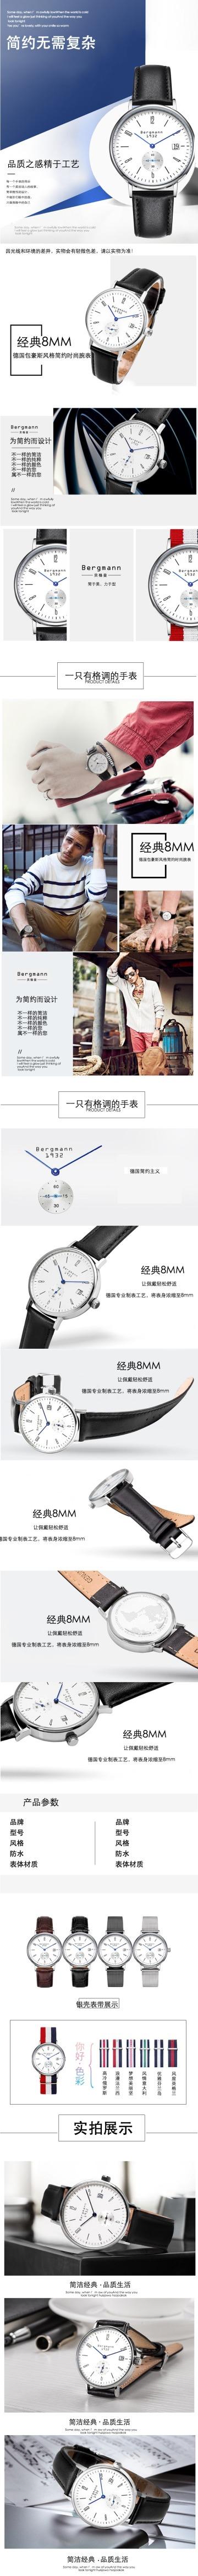 简约时尚扁平手表电商详情图